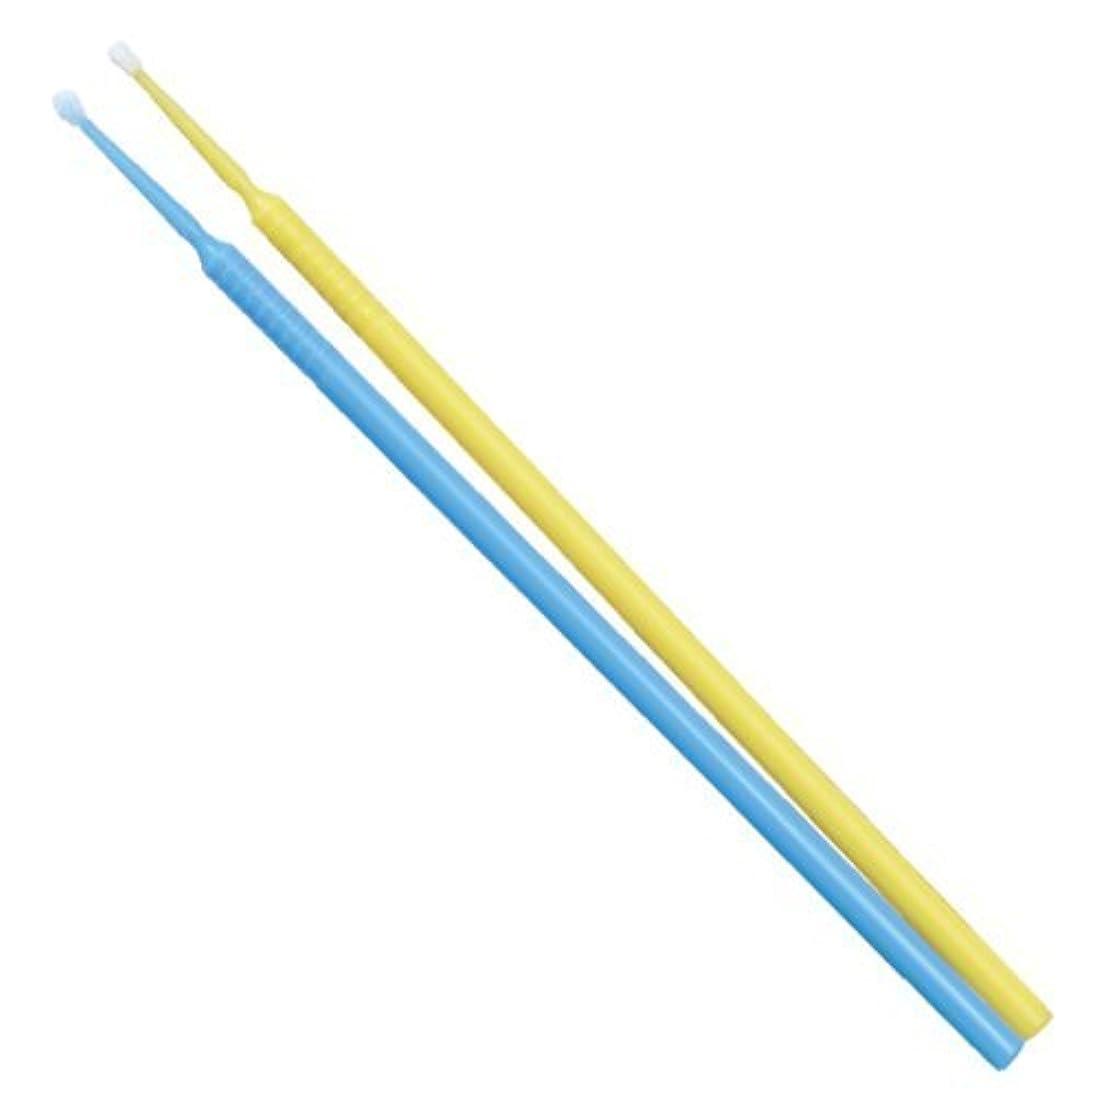 蒸留モードスマッシュTPCアプリケーターブラシ(マイクロブラシ)ファインφ1.5mm 100本入り(カラー:ブルーorイエロー)